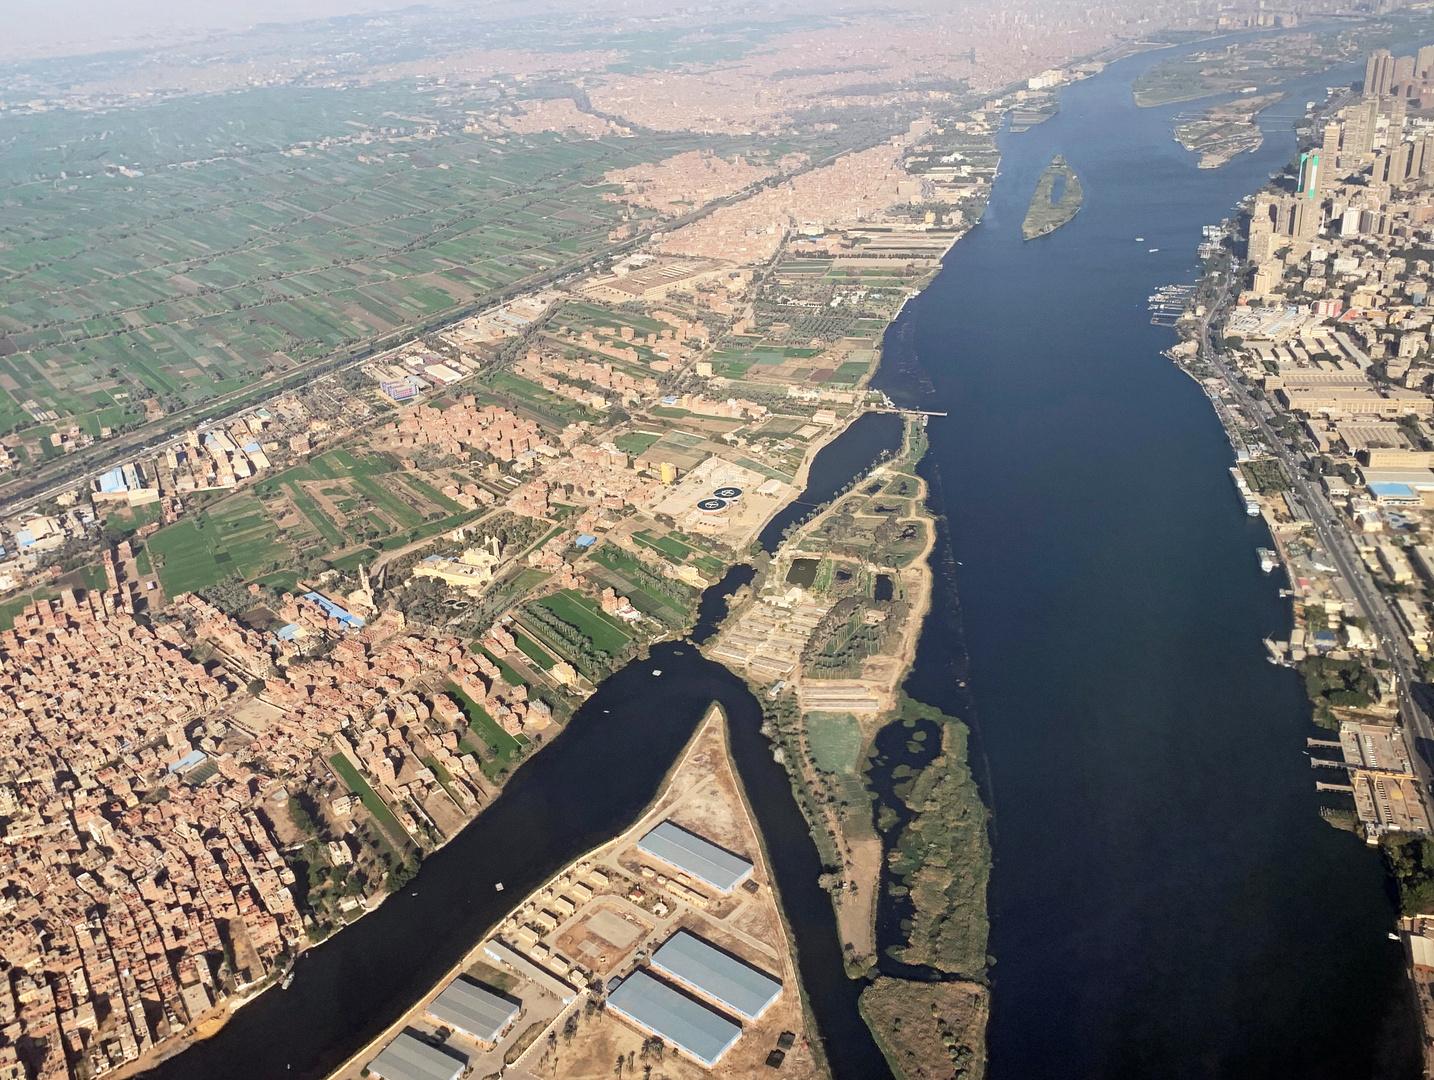 مصر.. وزارة الري تكشف طريقة تلبية احتياجات البلاد المتزايدة من المياه